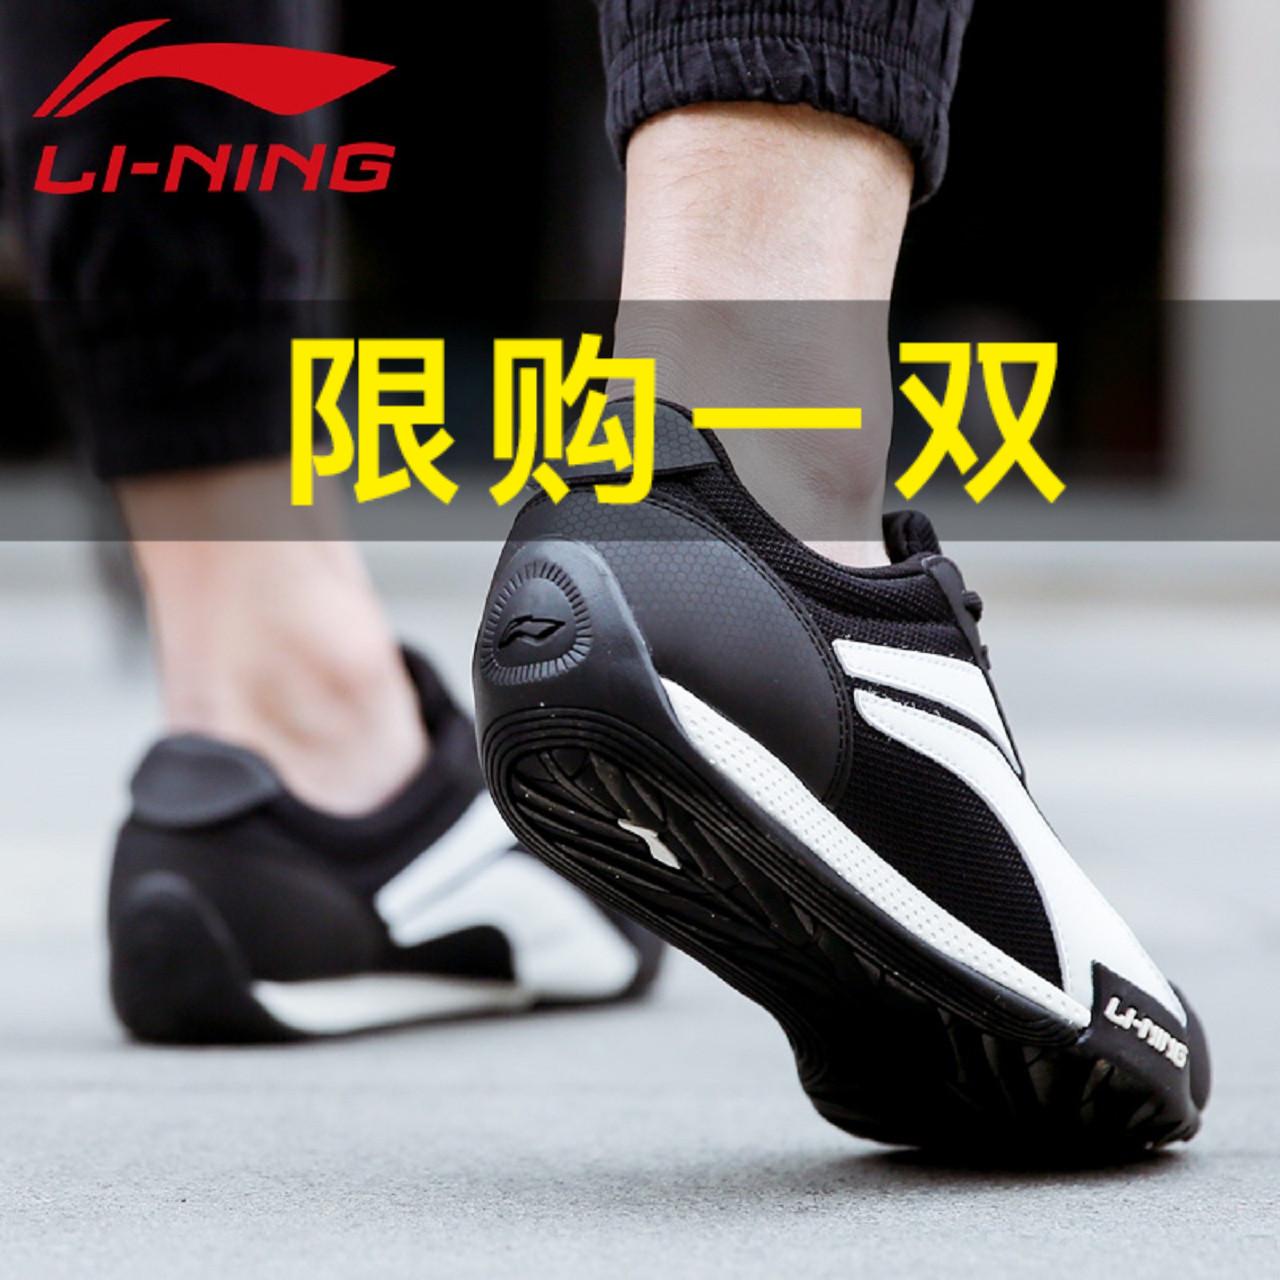 李宁男鞋2019新款板鞋冬季跑步鞋秋冬季休闲秋季跑鞋阿甘运动鞋子